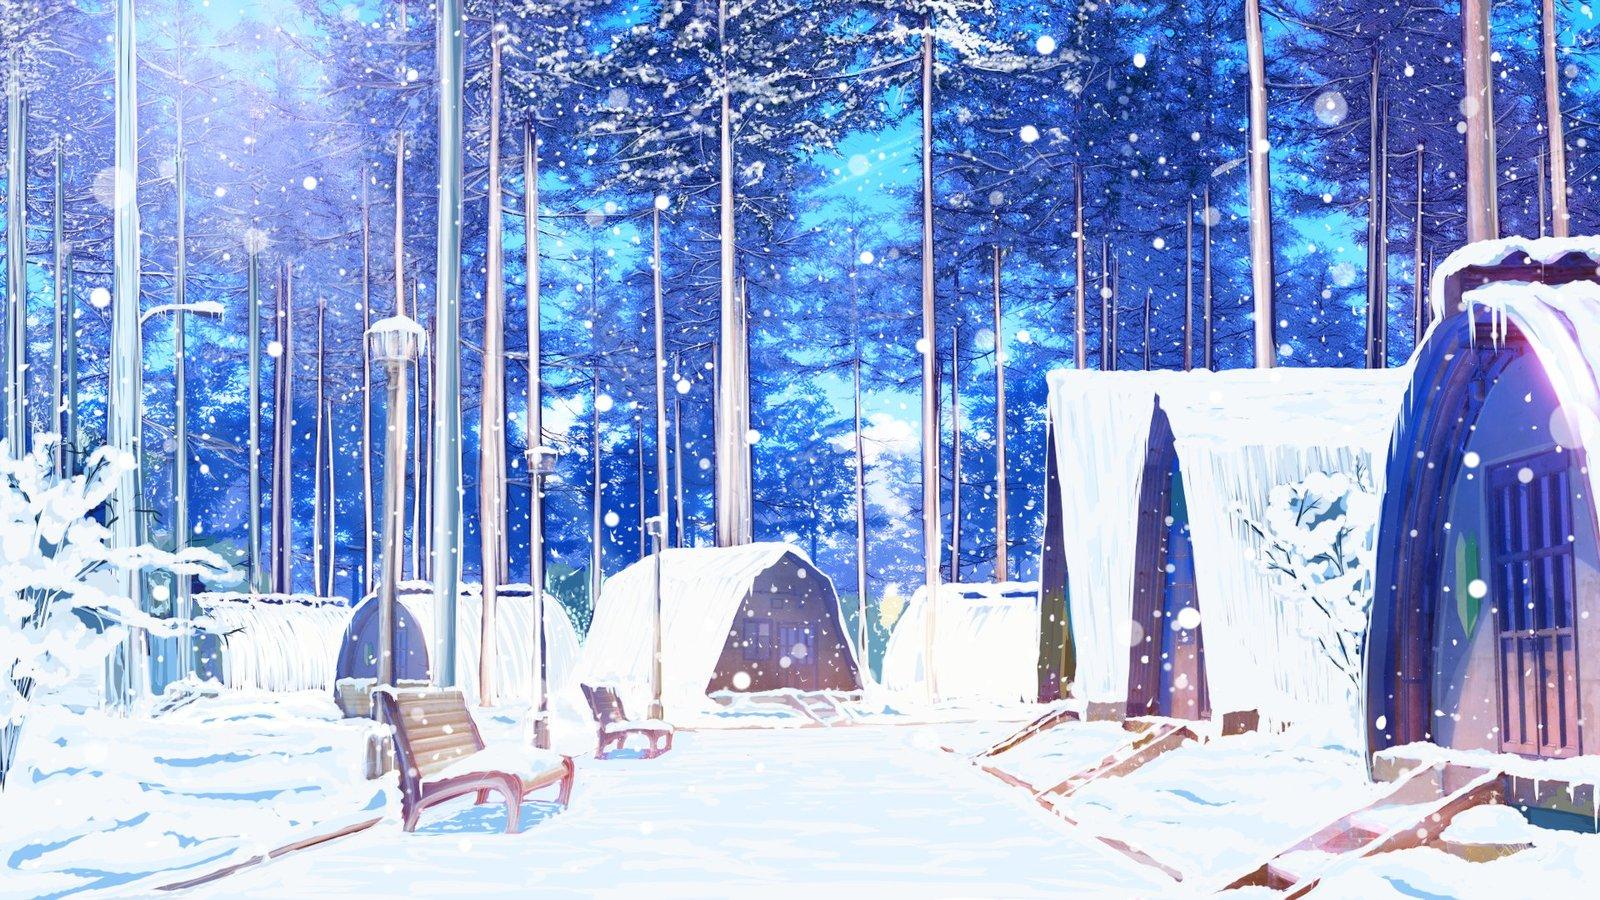 картинки арты зима